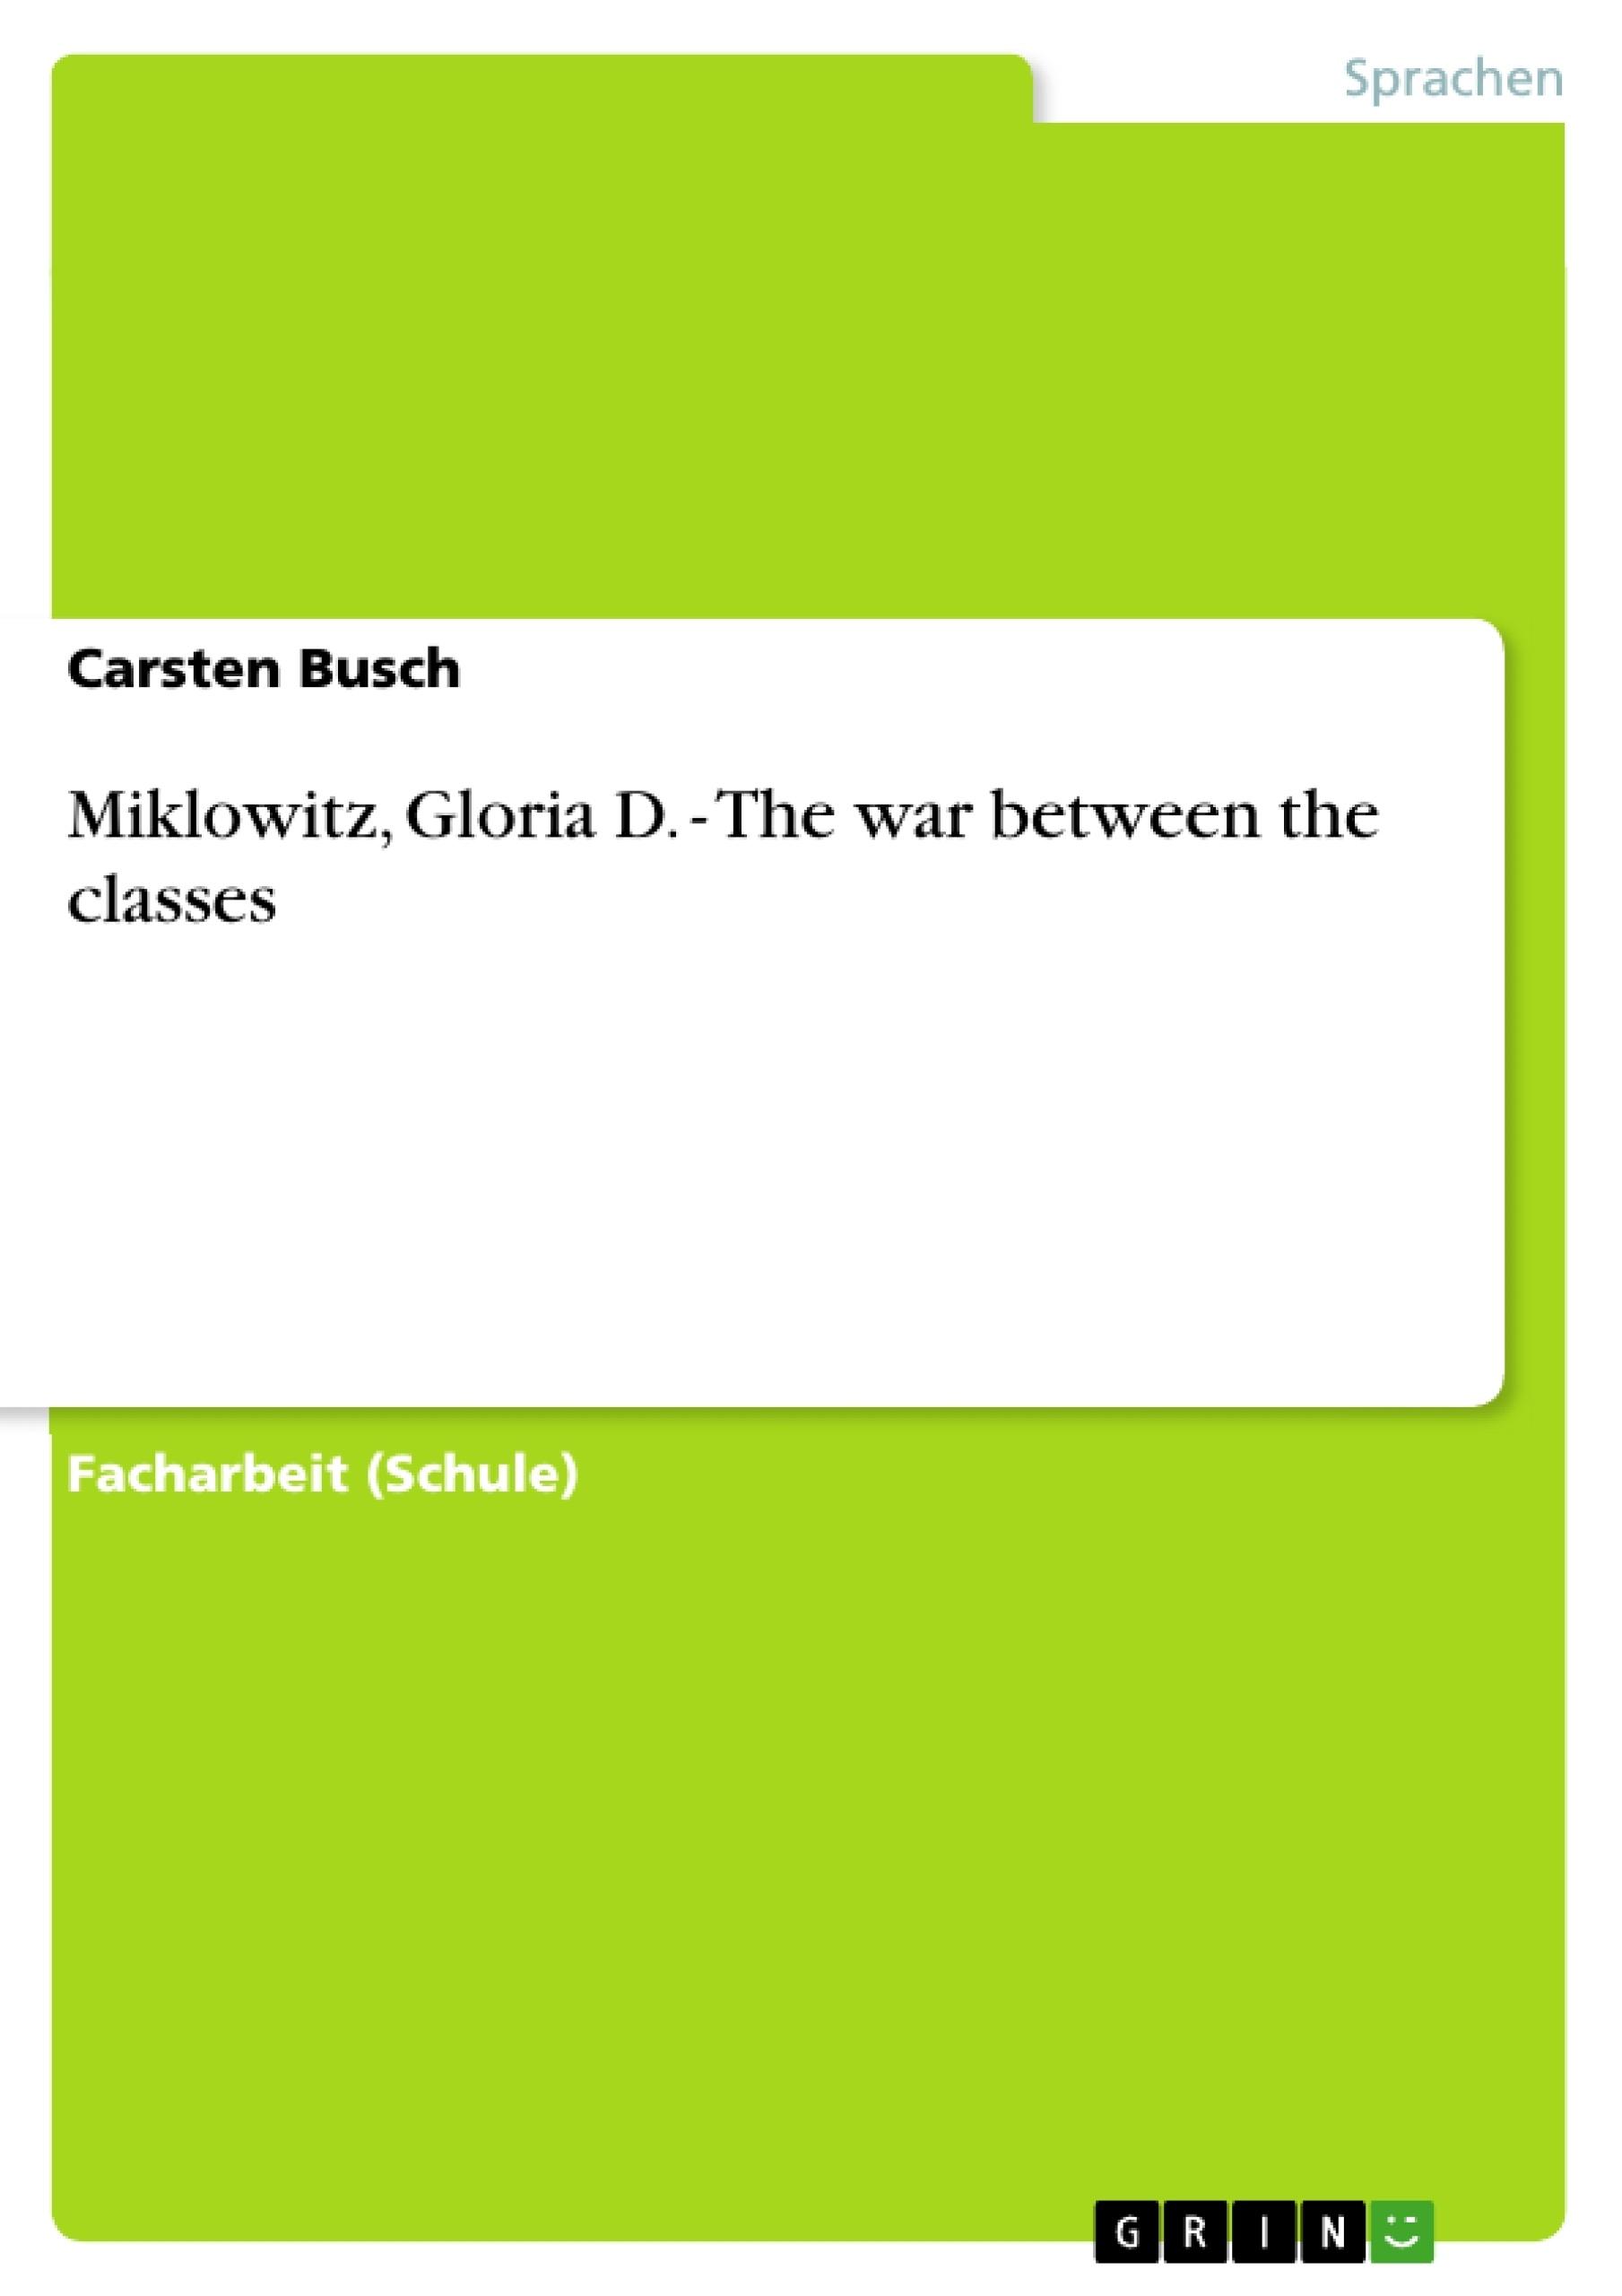 a review of the war between classes by gloria d miklowitz Miklowitz, gloria d - the war between the classes - patrick lukat - referat / aufsatz (schule) - englisch - literatur, werke - publizieren sie ihre hausarbeiten.